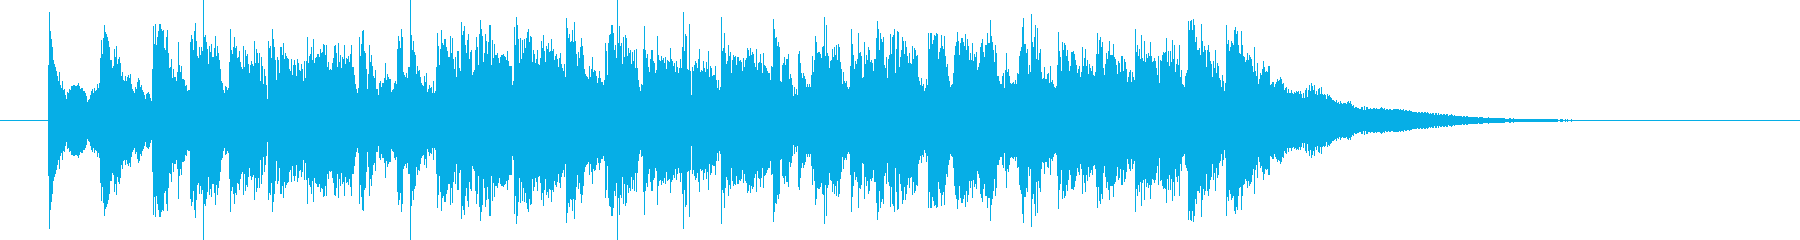 緩やかで煌きのあるシンセポップジングルの再生済みの波形